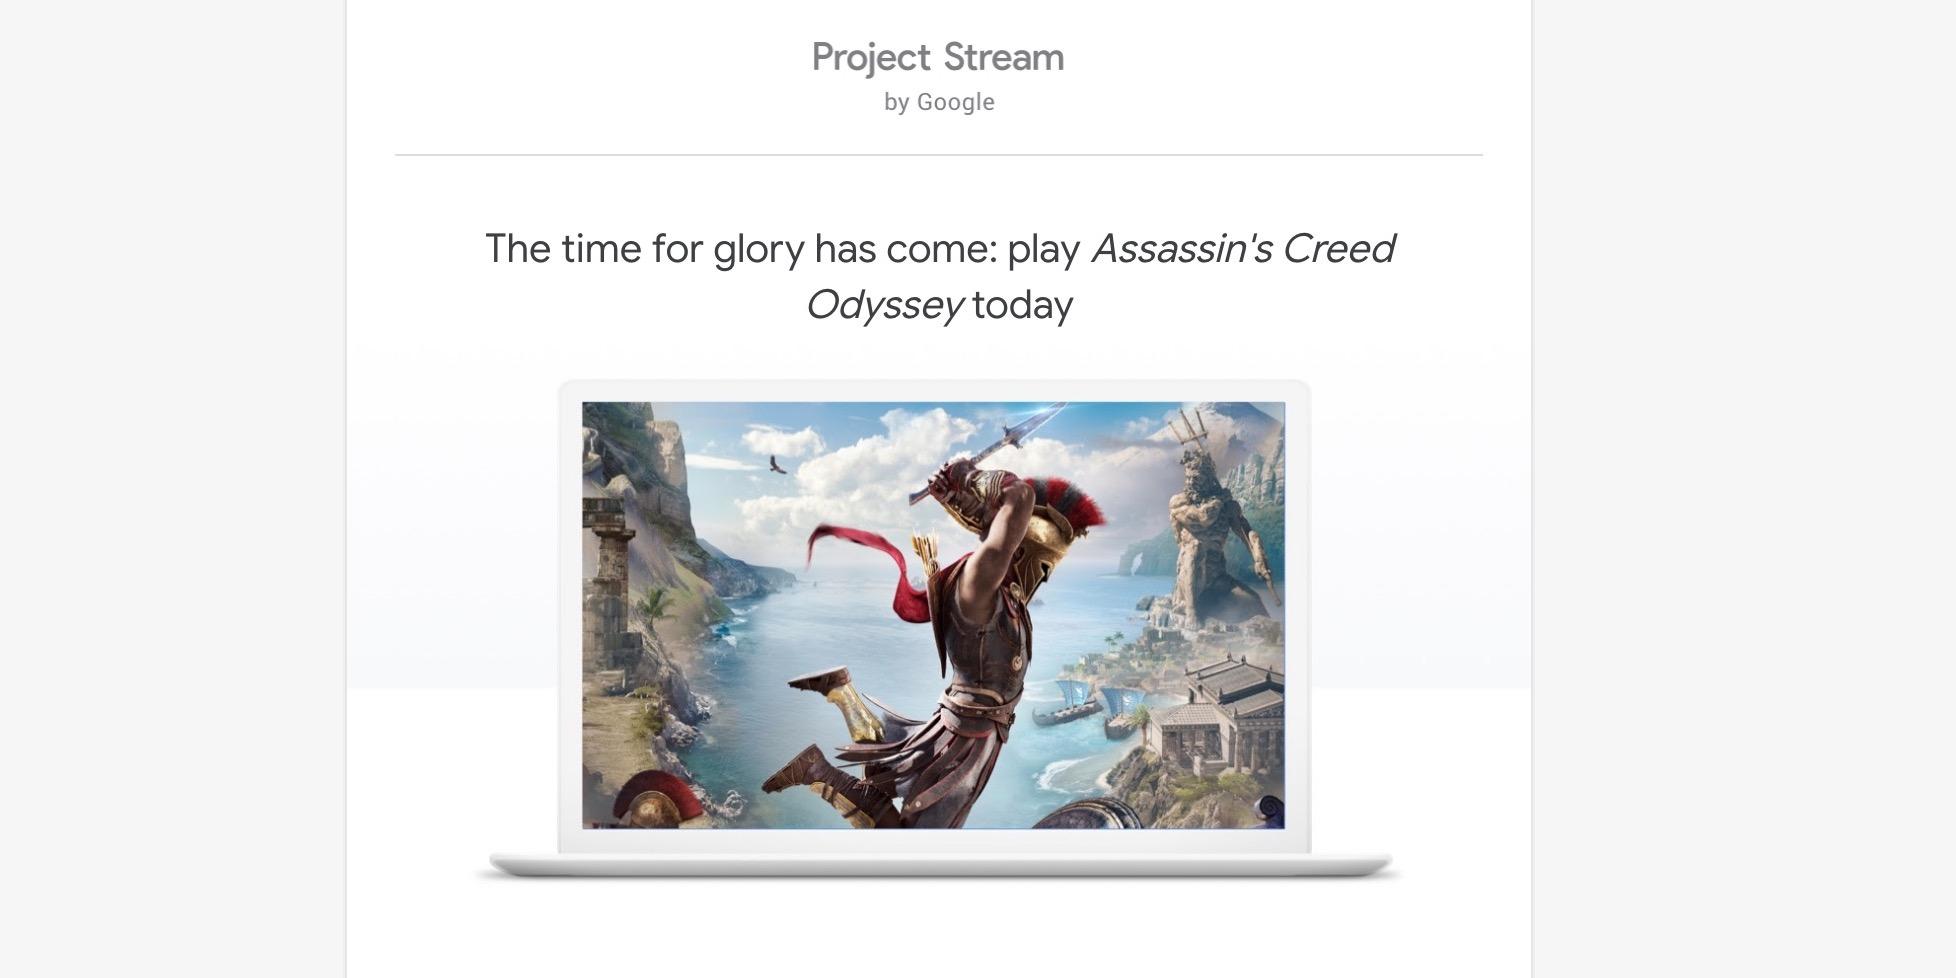 Project Stream invites